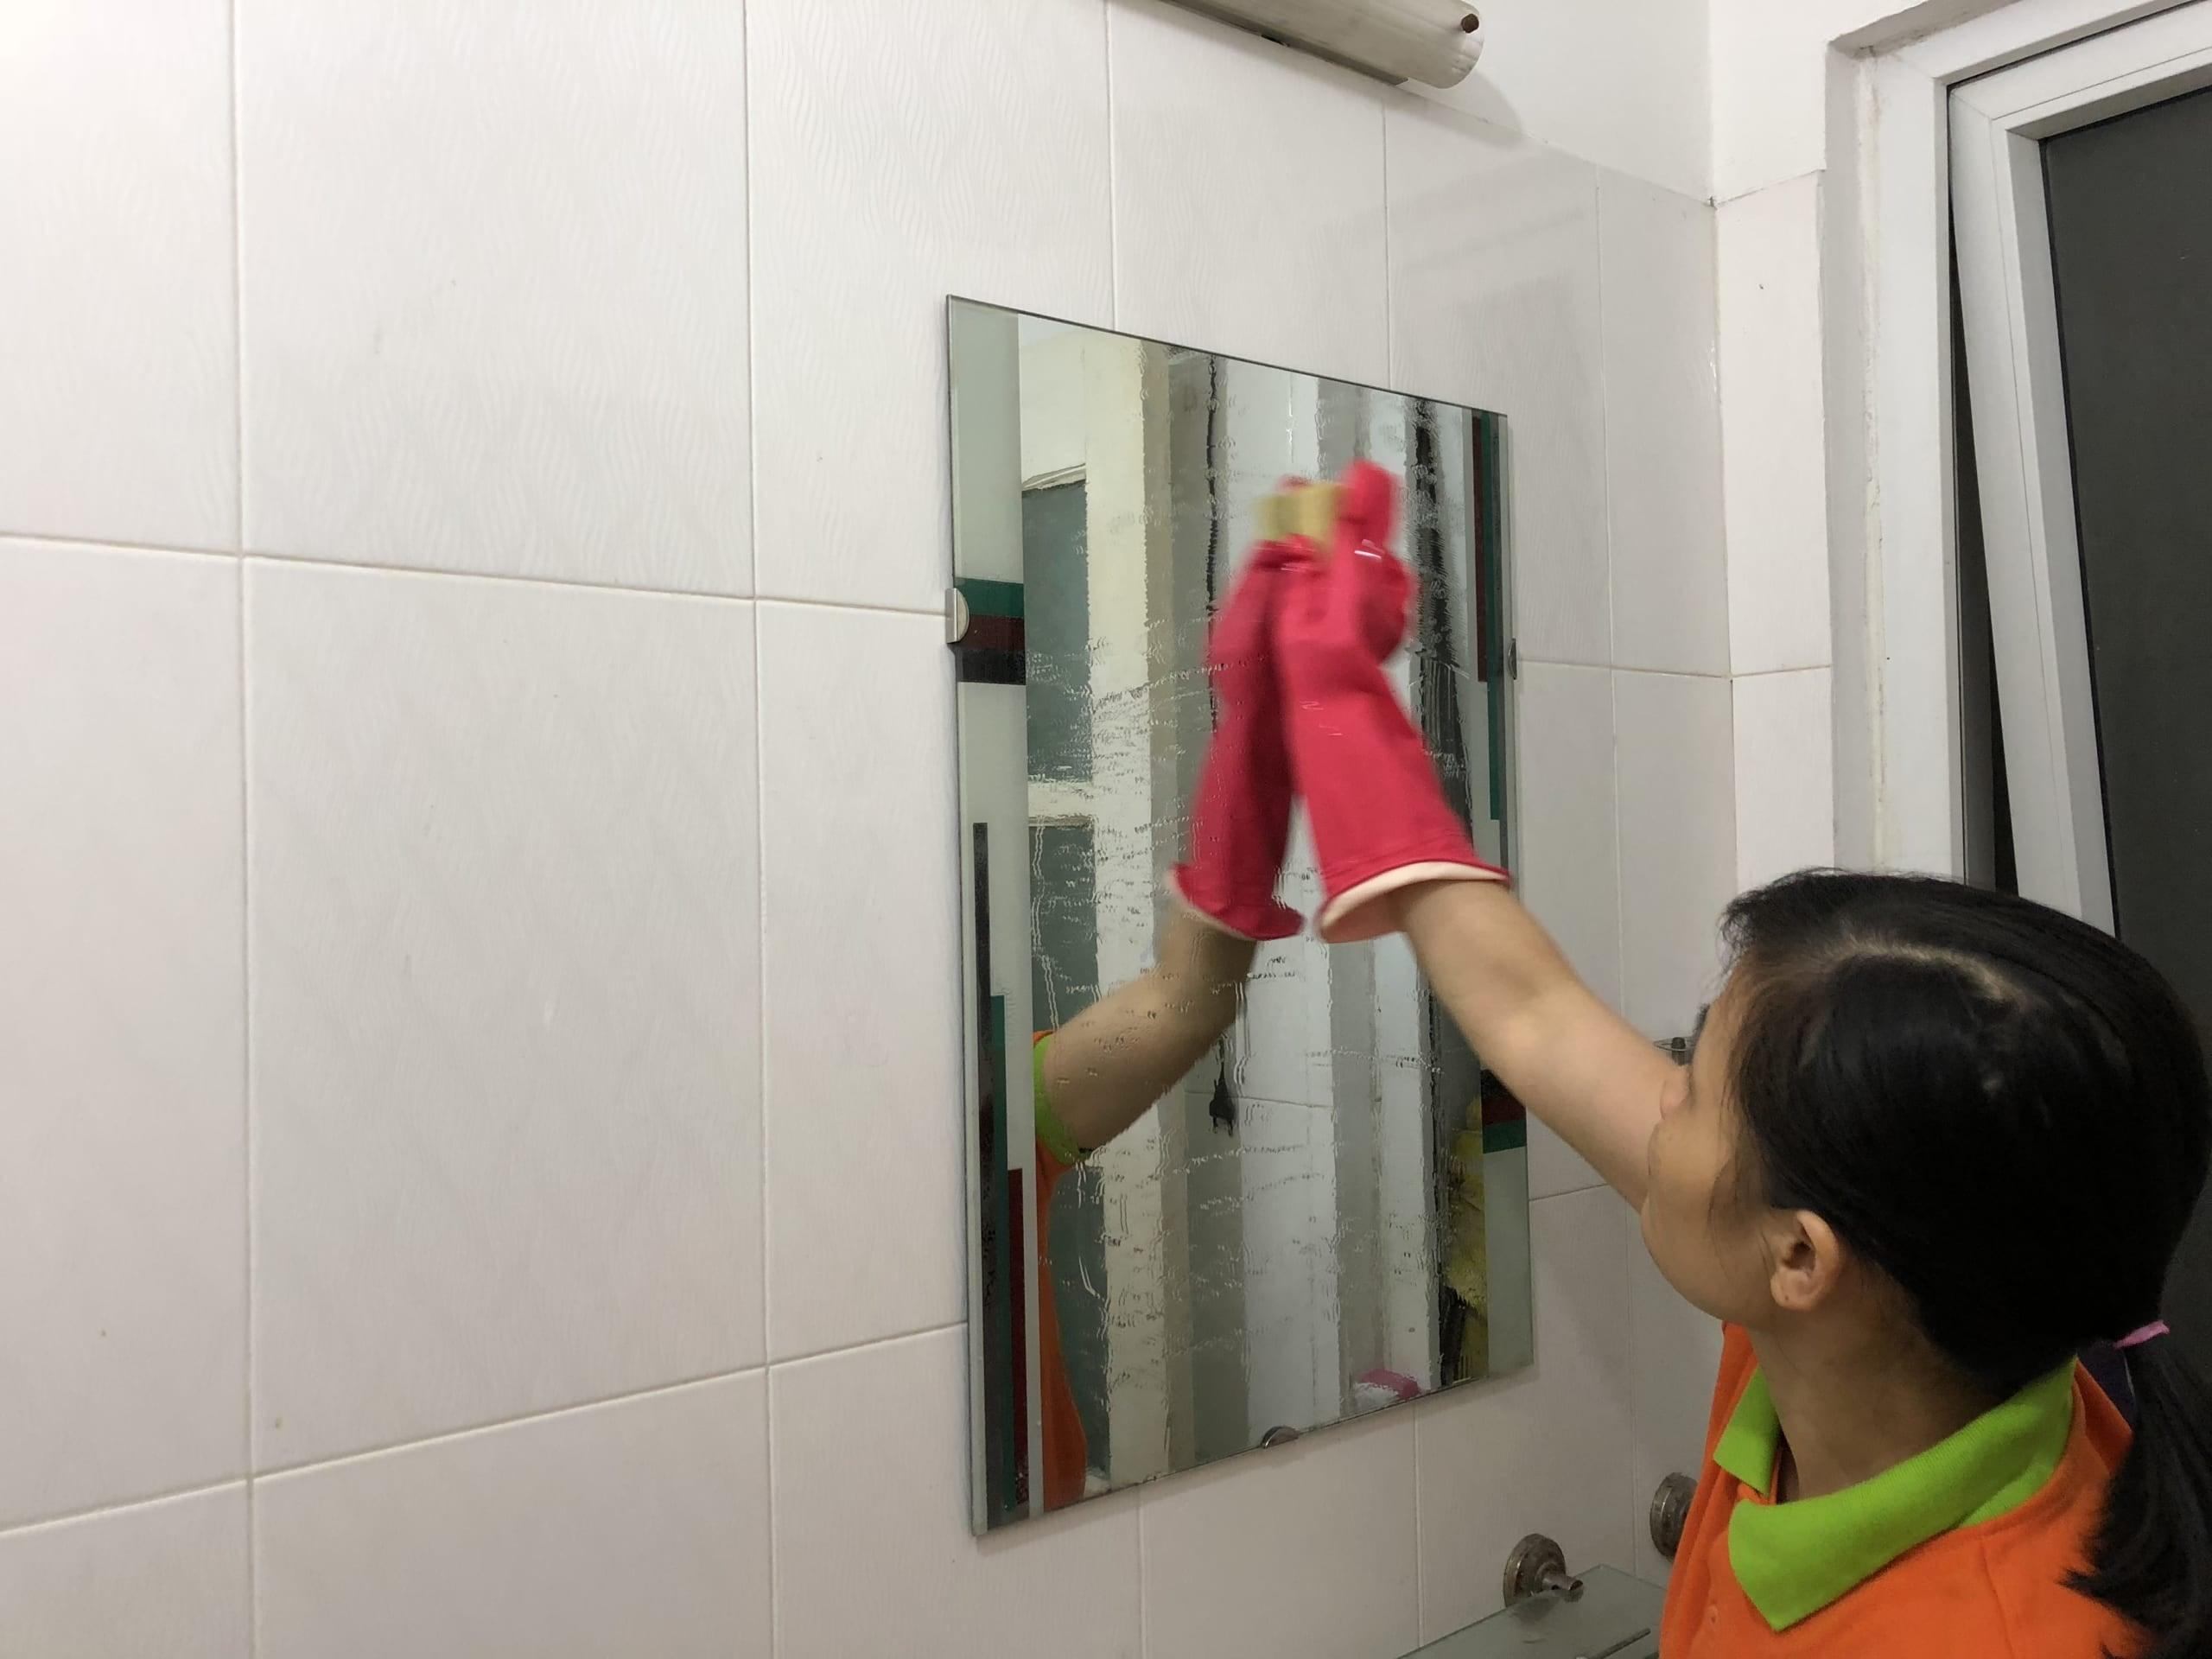 Dịch vụ vệ sinh tại Bắc Từ Liêm